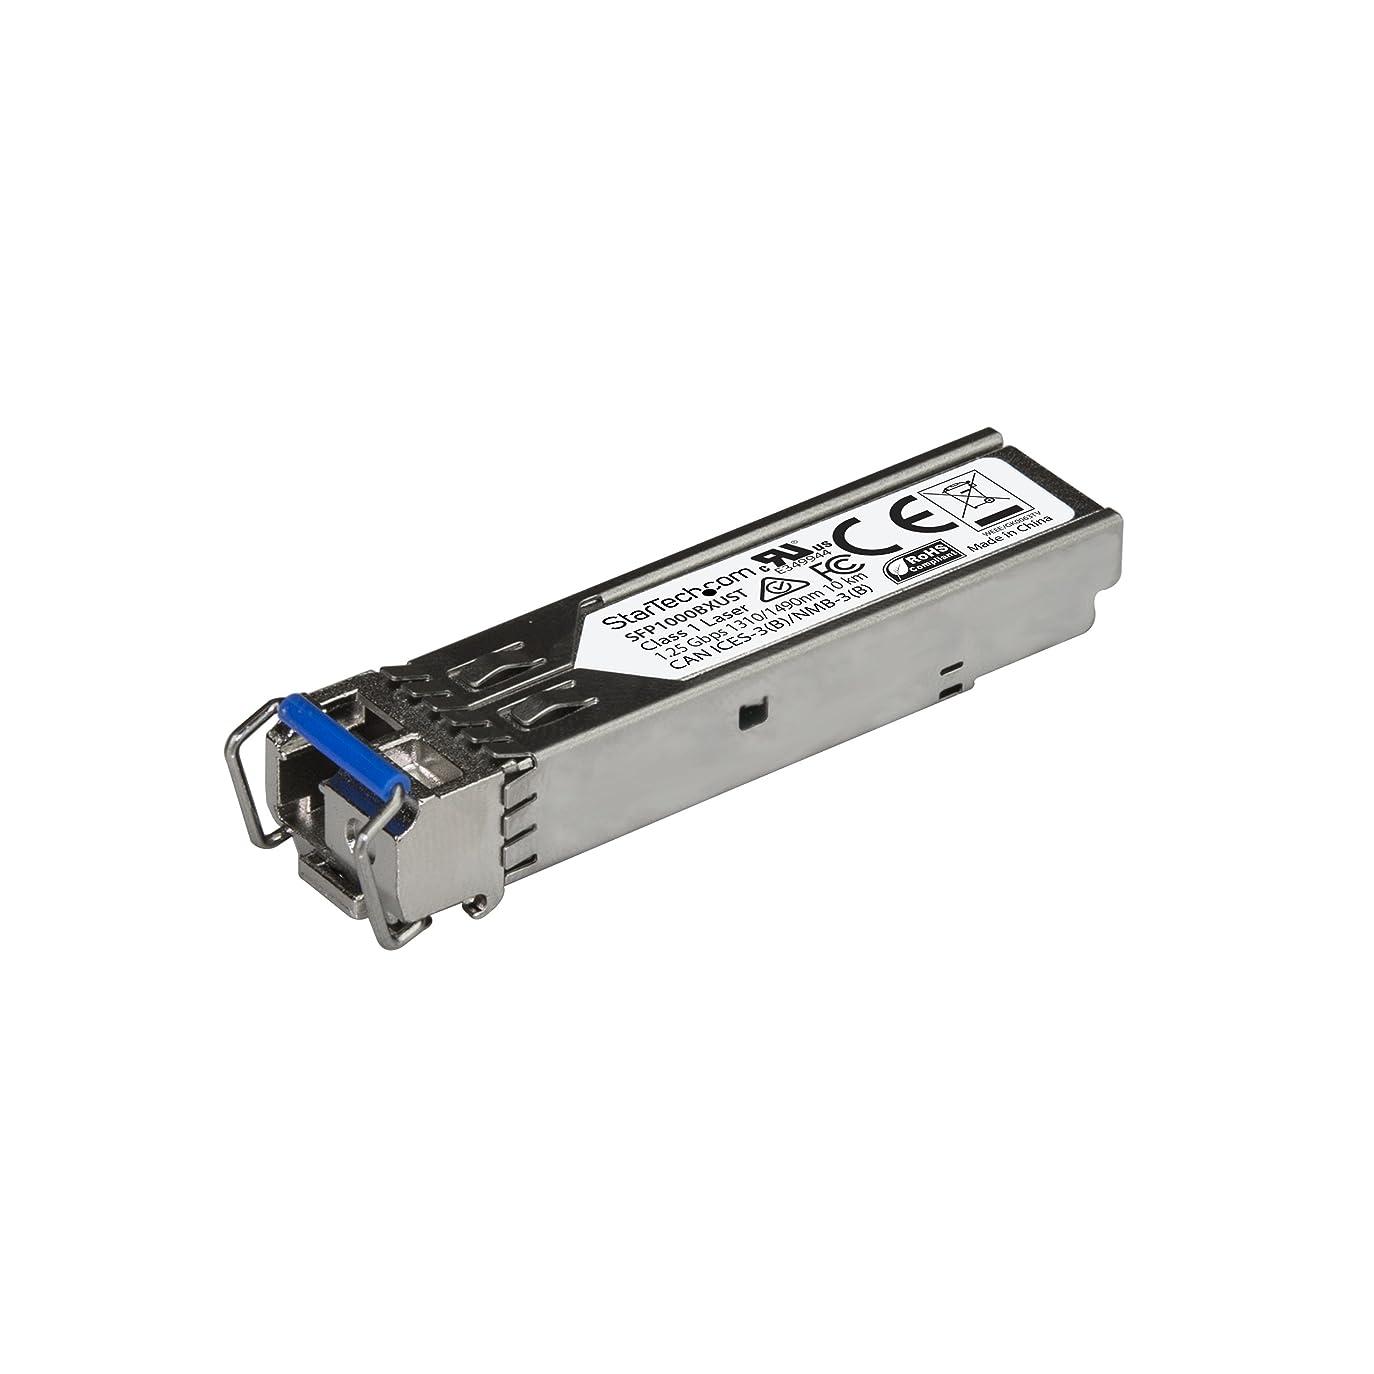 メロンゴミ箱を空にする回転させるStarTech.com SFPモジュール 1000BASE-BX MSA準拠 アップストリーム LCコネクタ 光ファイバトランシーバ ライフタイム保証 1Gbps SFP1000BXUST